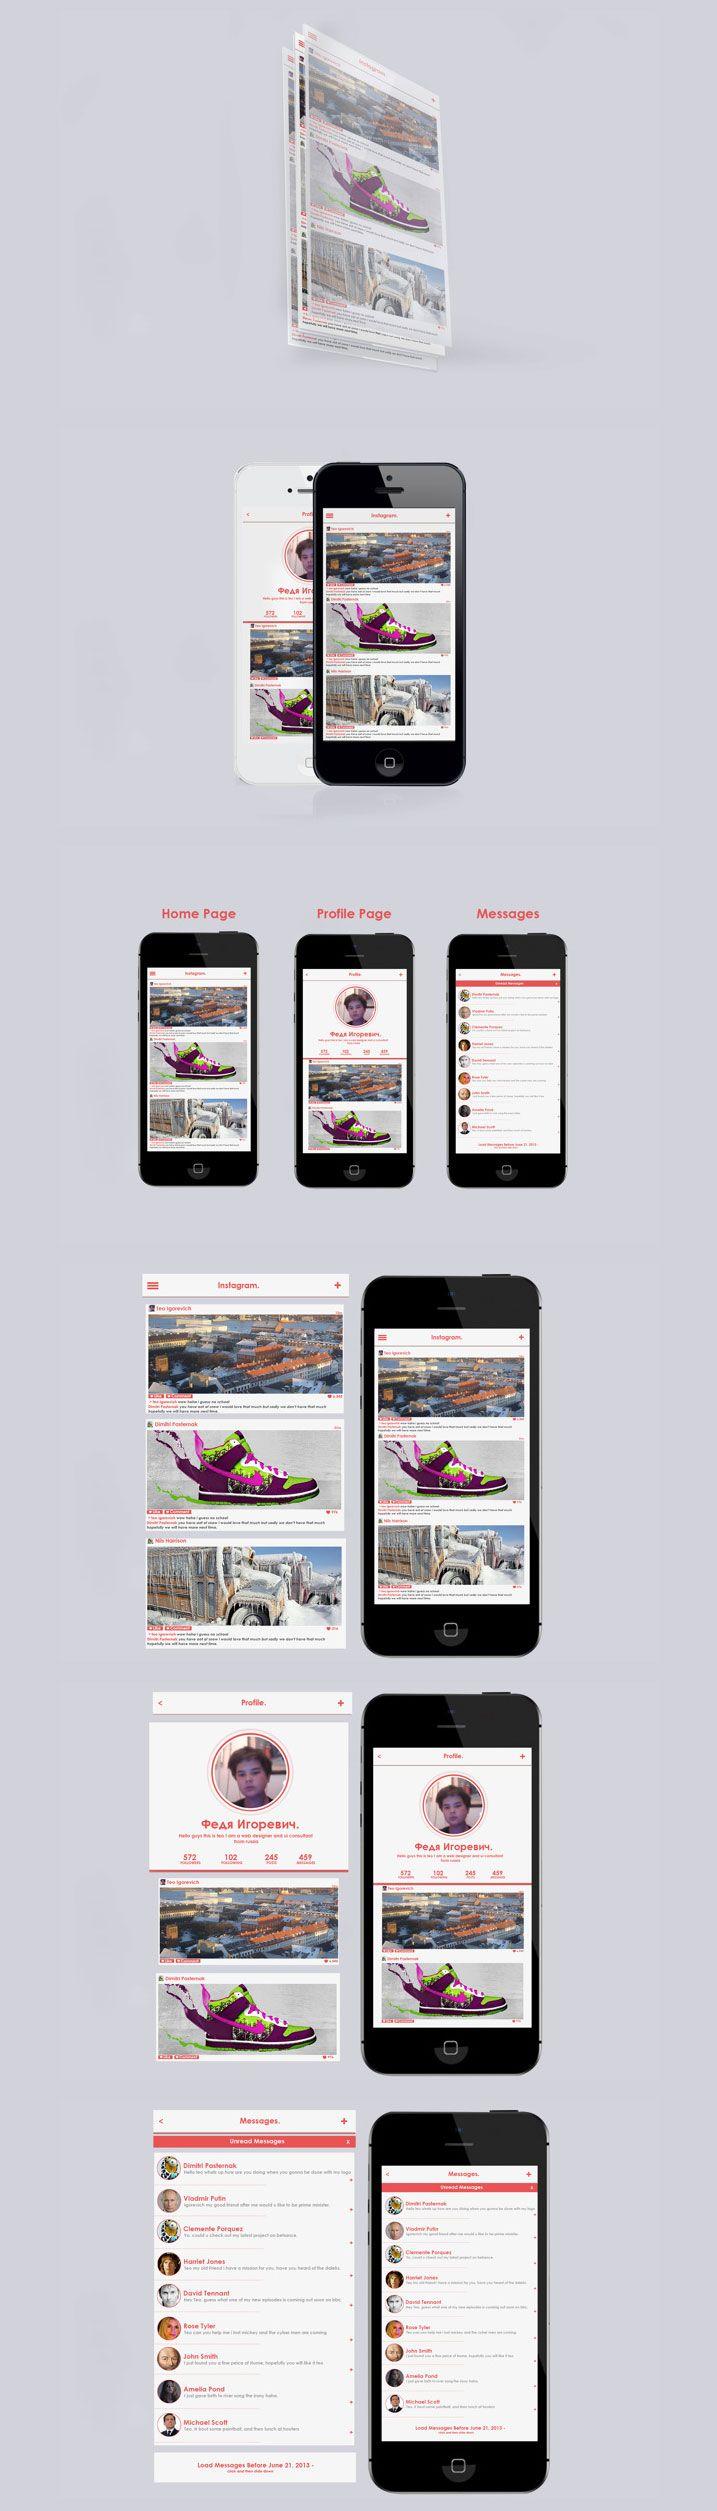 Daily Mobile UI Design Inspiration #137